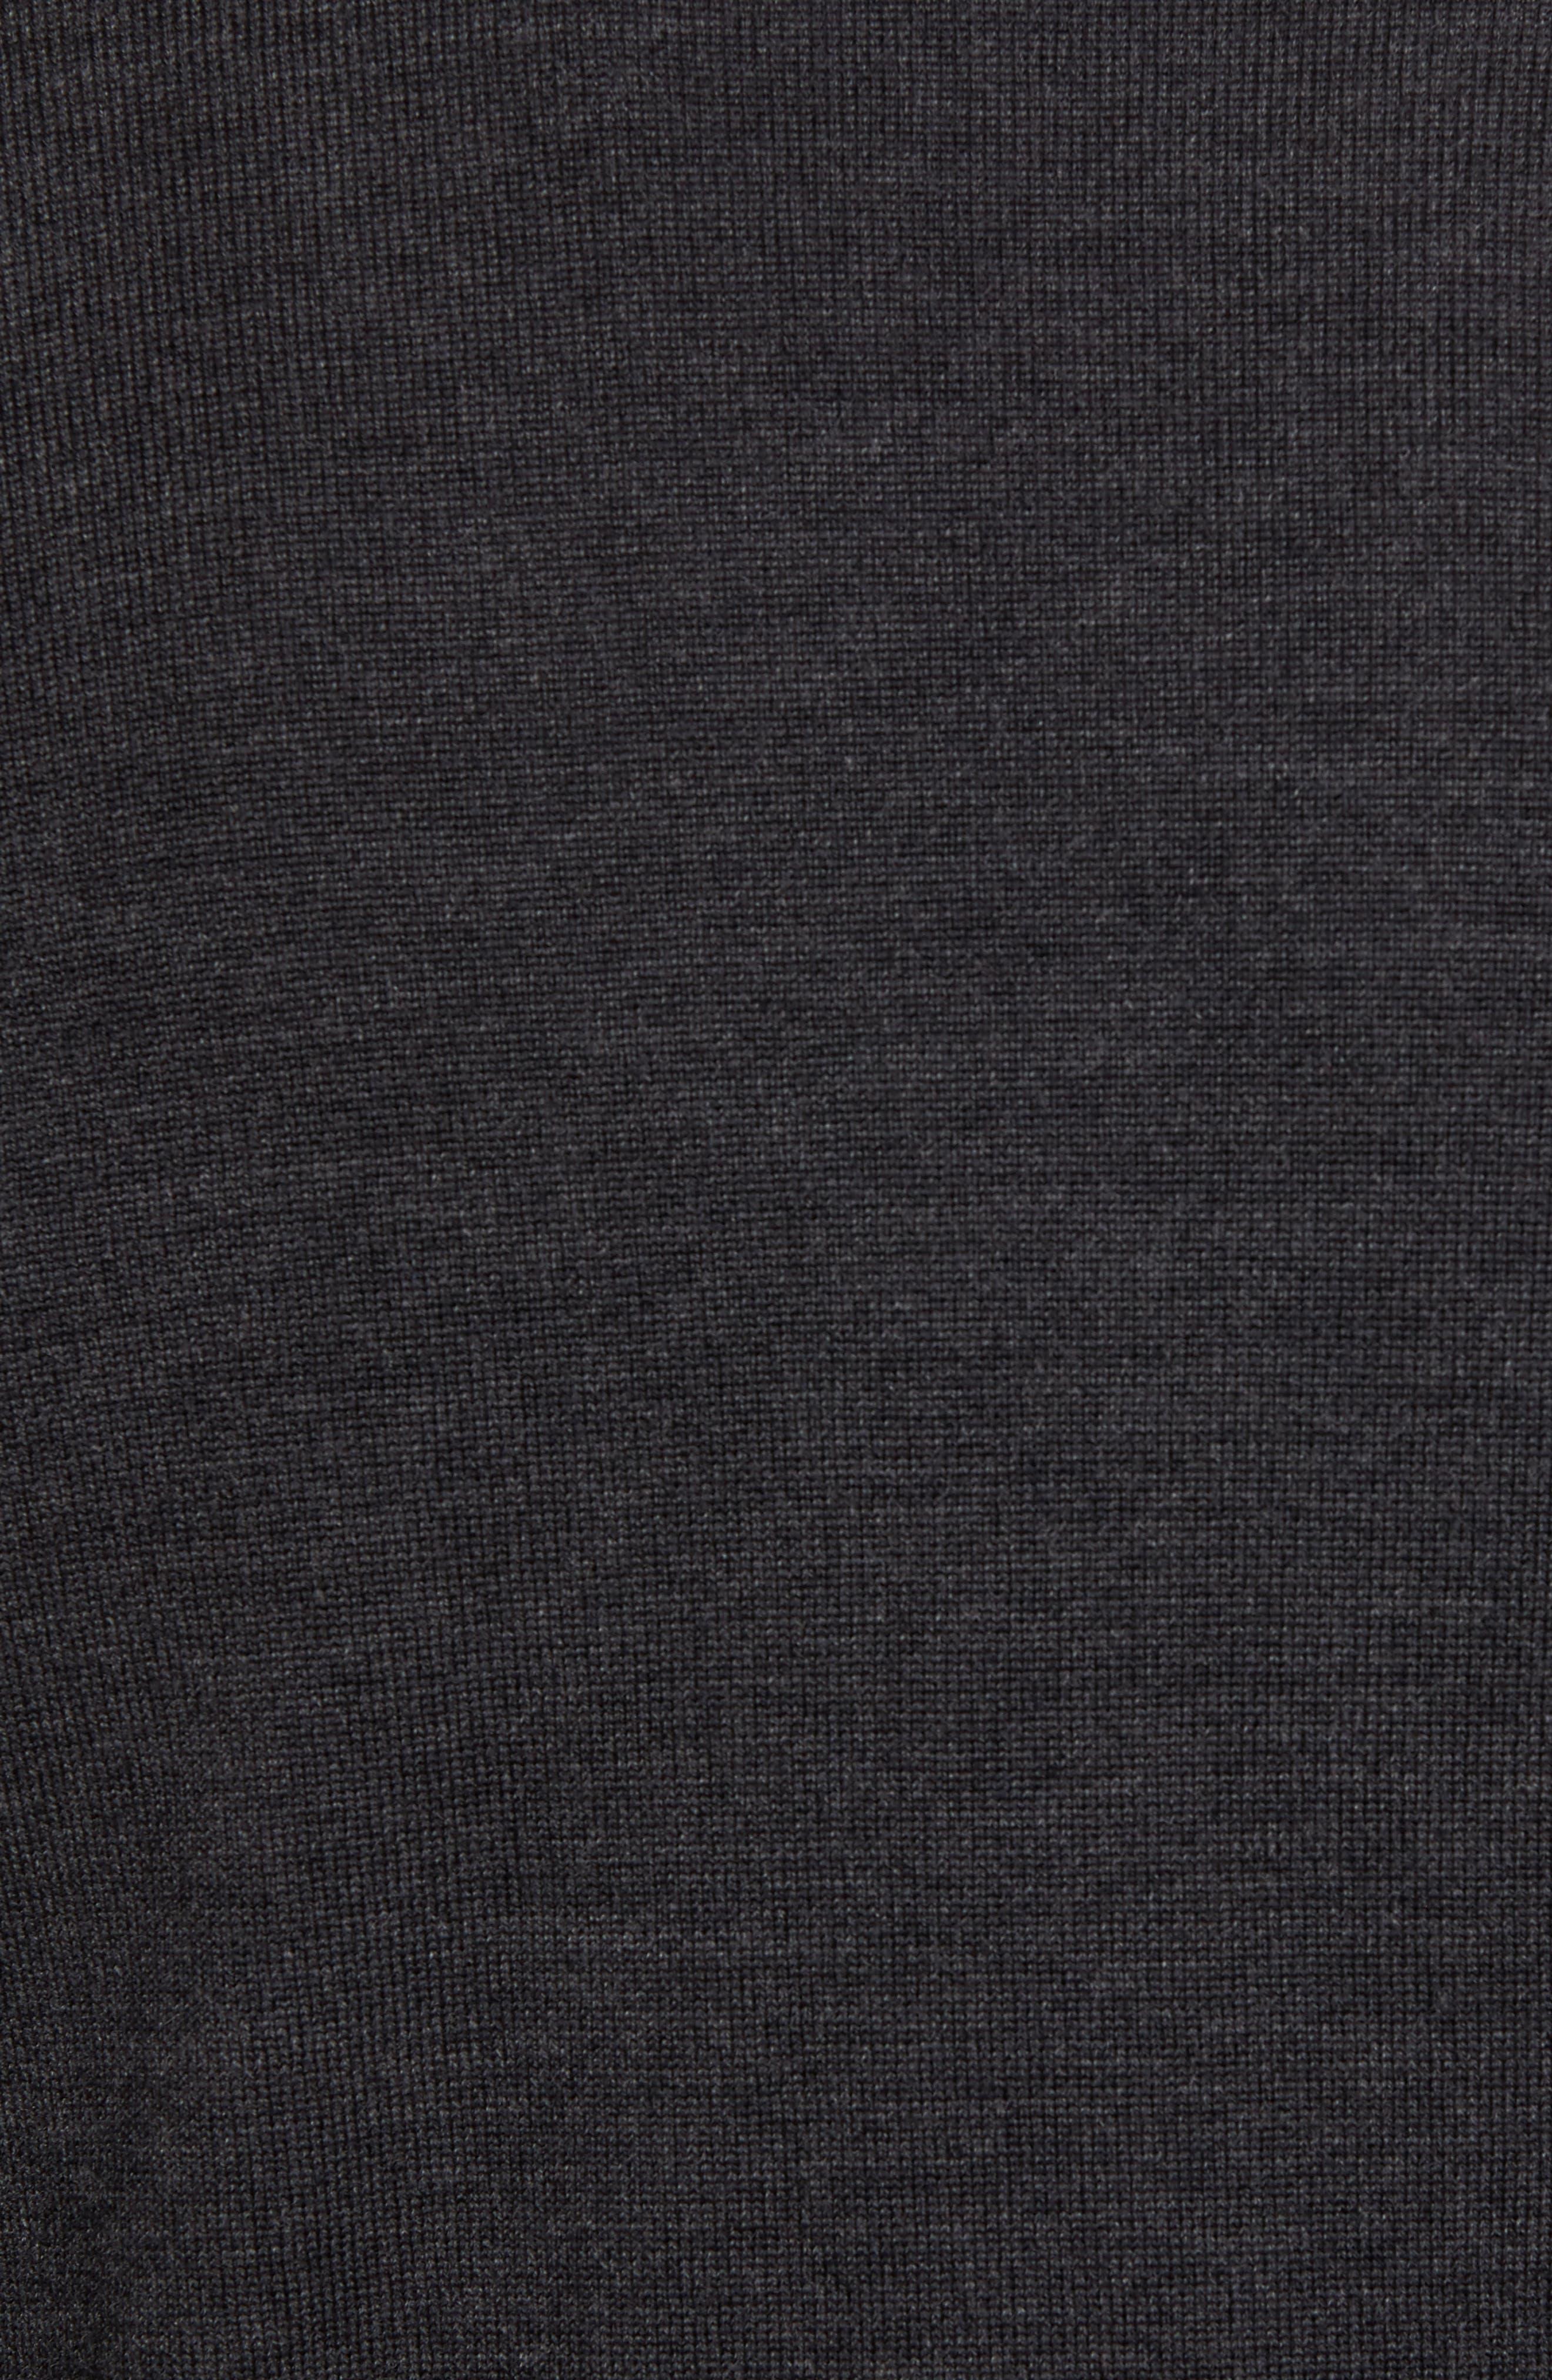 Merino Wool Blend V-Neck Sweater,                             Alternate thumbnail 5, color,                             020